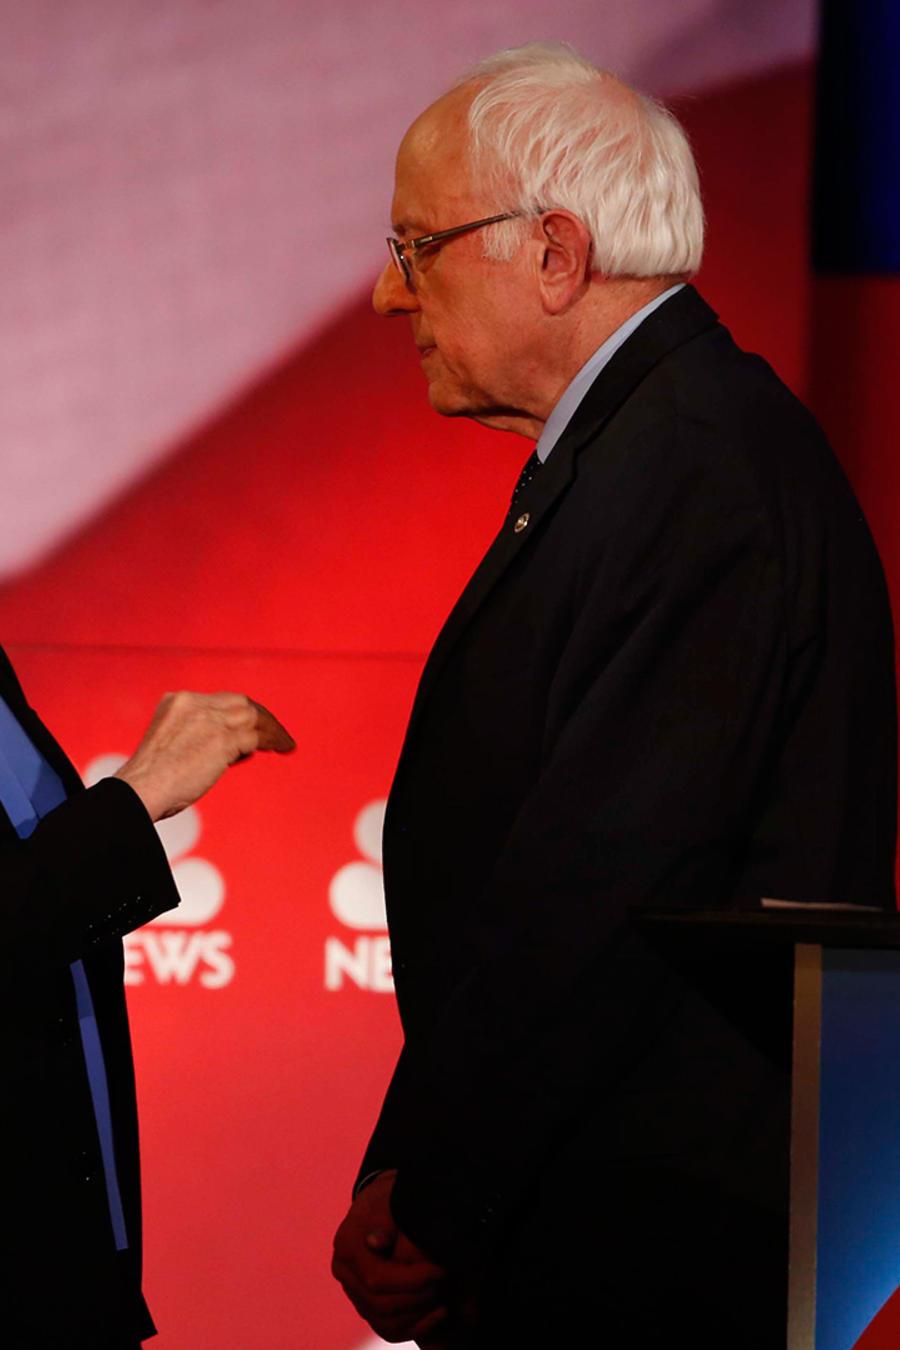 Los precandidatos demócratas Bernie Sanders Y Hillary Clinton en el debate de NBC transmitido por YouTube y realizado el sábado 17 de Enero del 2016 en Charleston, S.C.